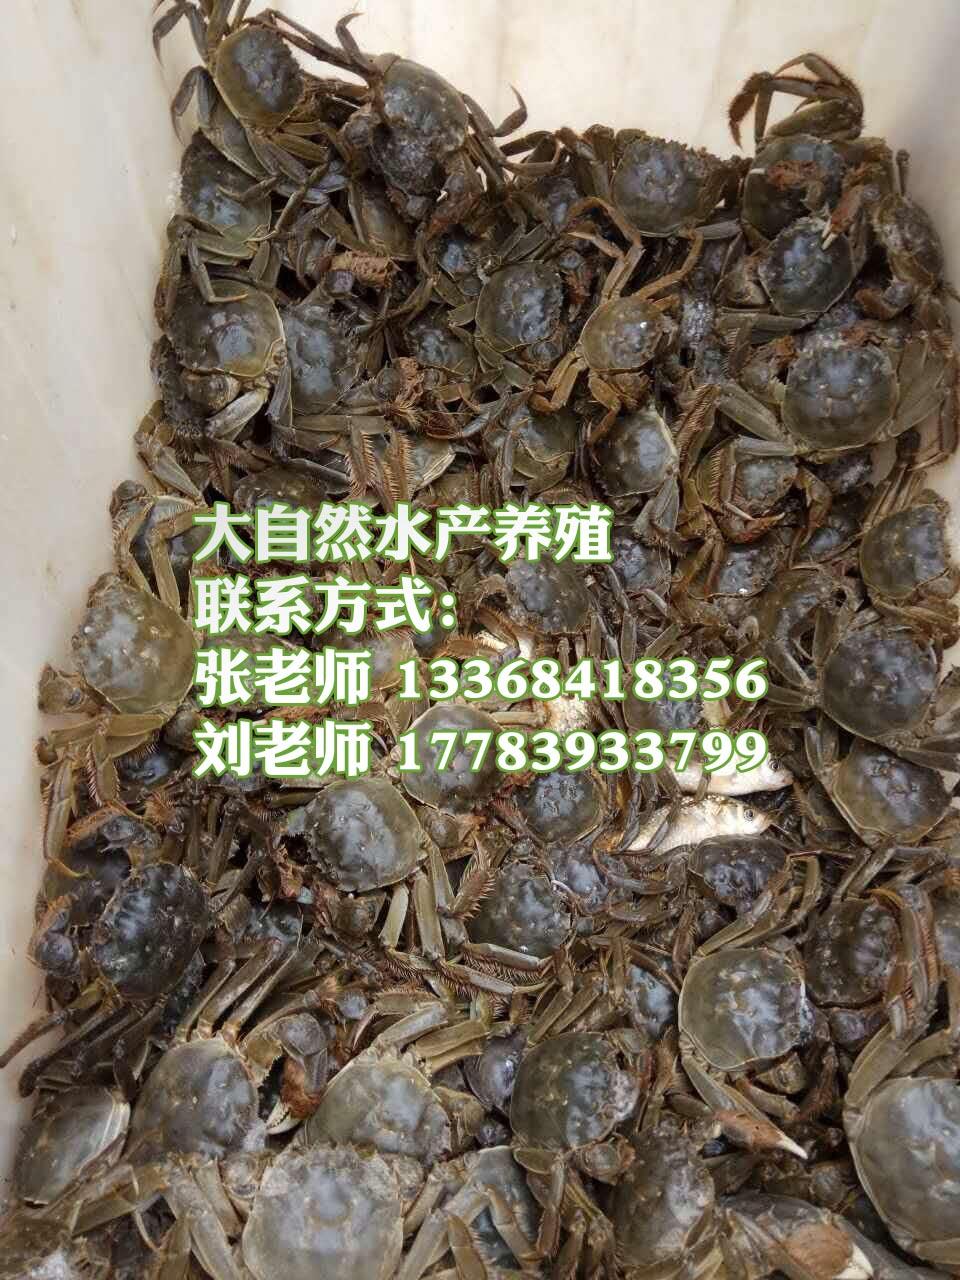 大闸蟹养殖投资与收获